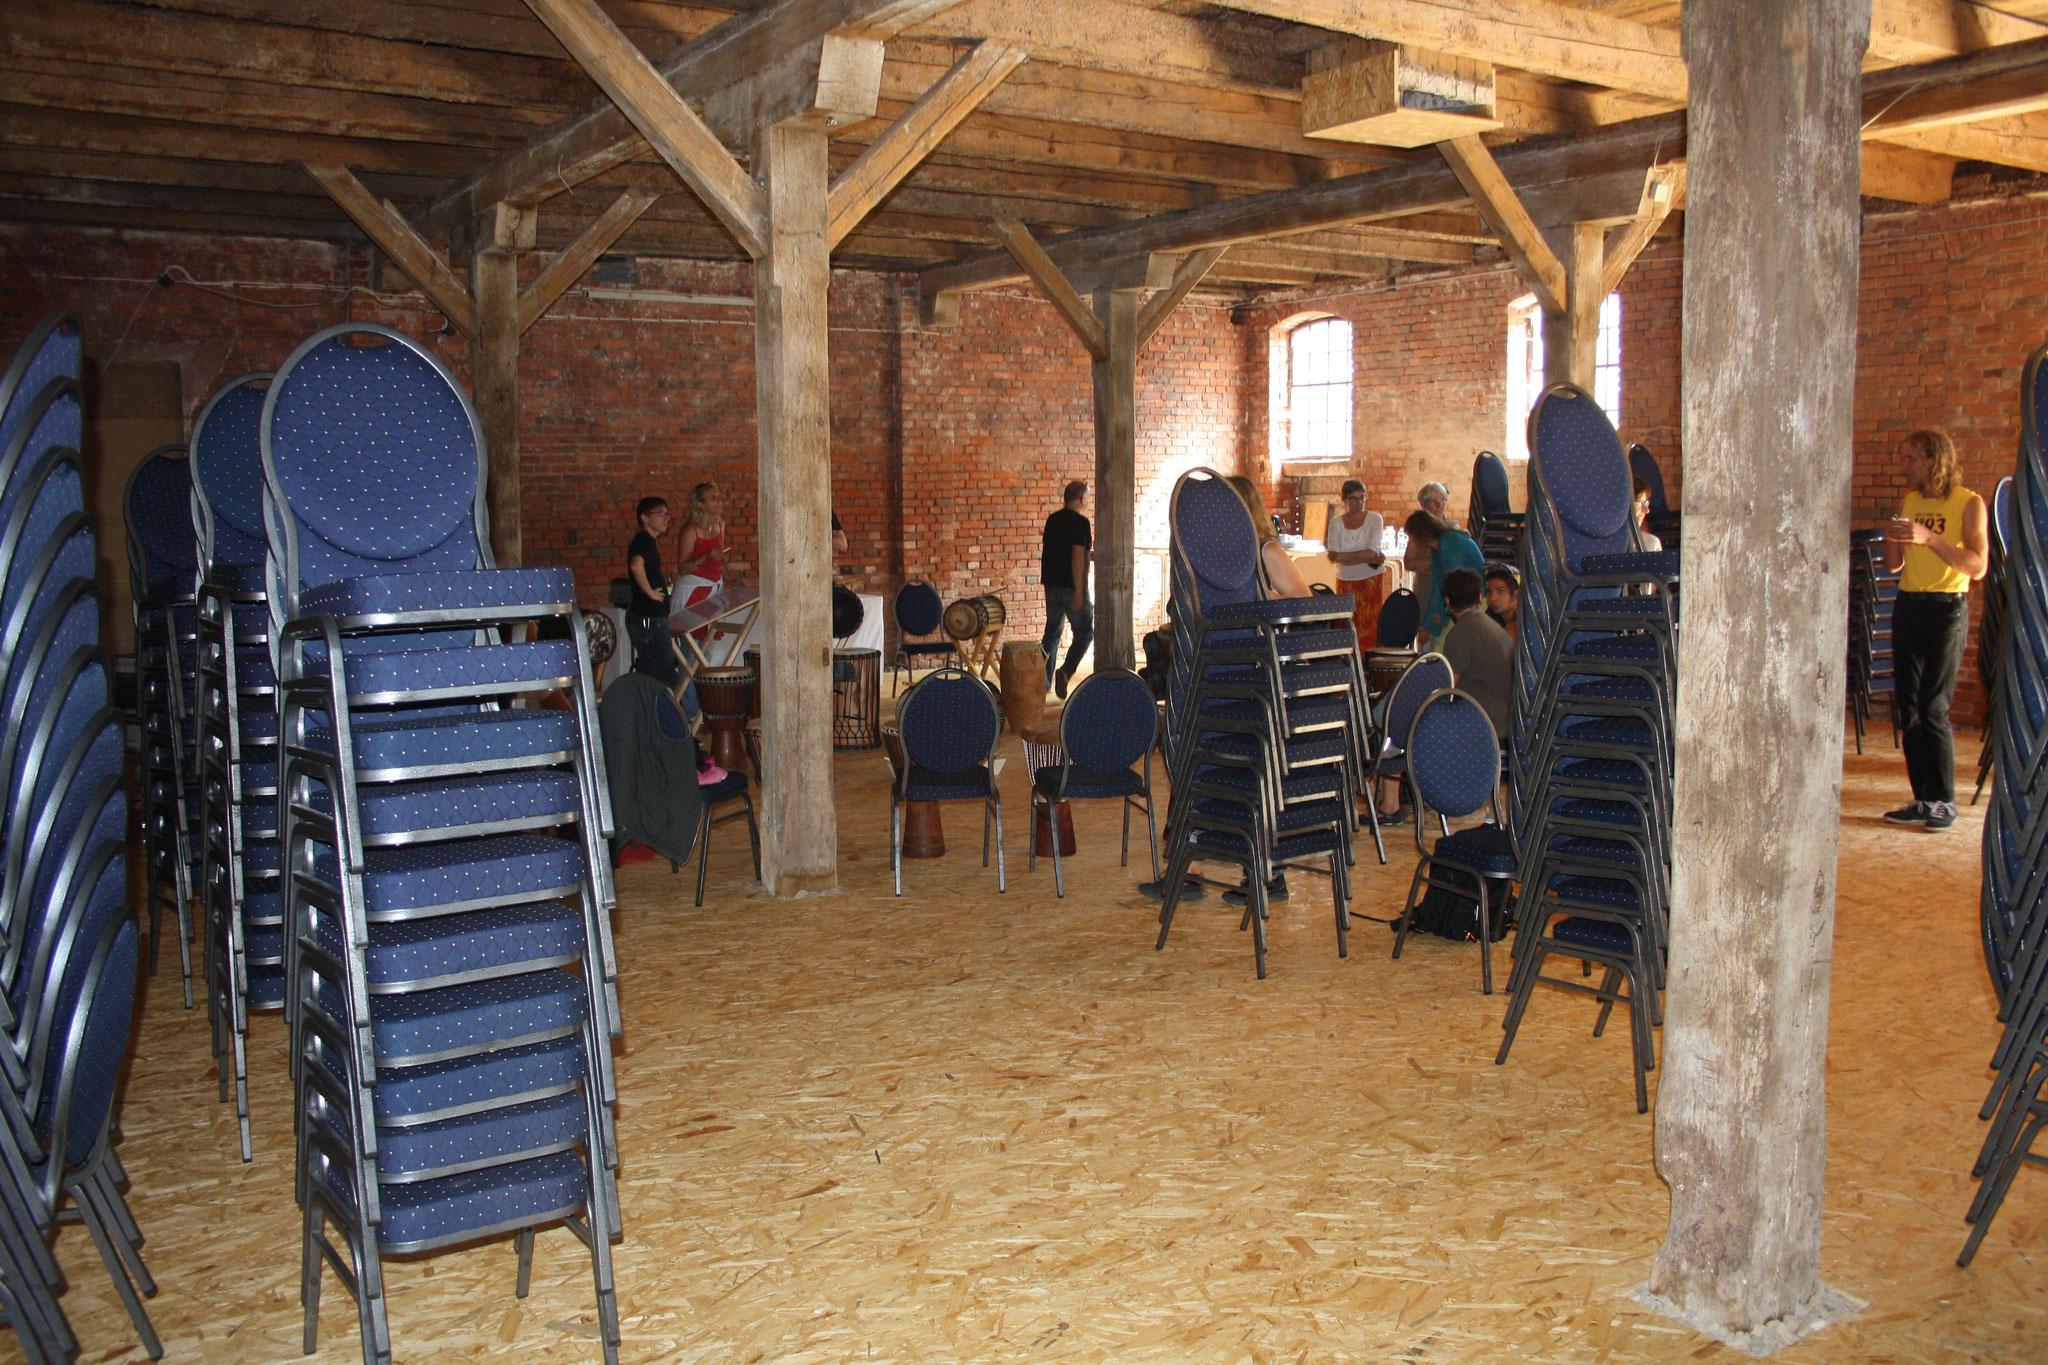 Die Stühle für das Konzert stellen sich schon mal locker in der Gegend auf...